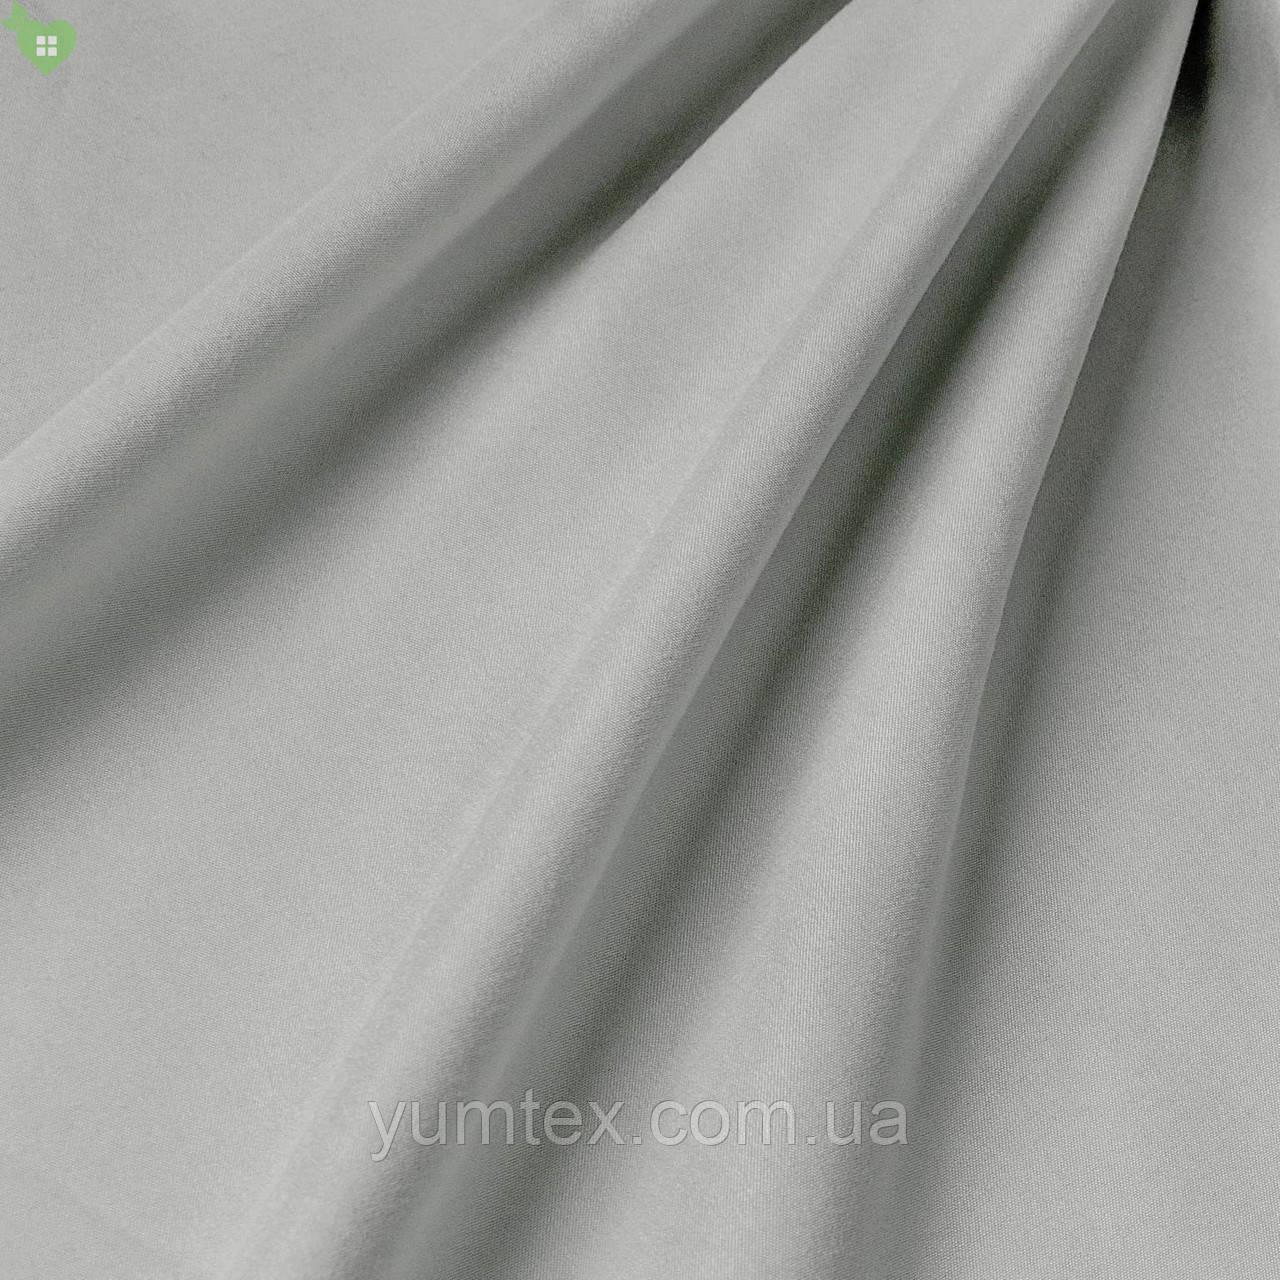 Подкладочная ткань с матовой фактурой перламутрового темно-серого цвета Испания